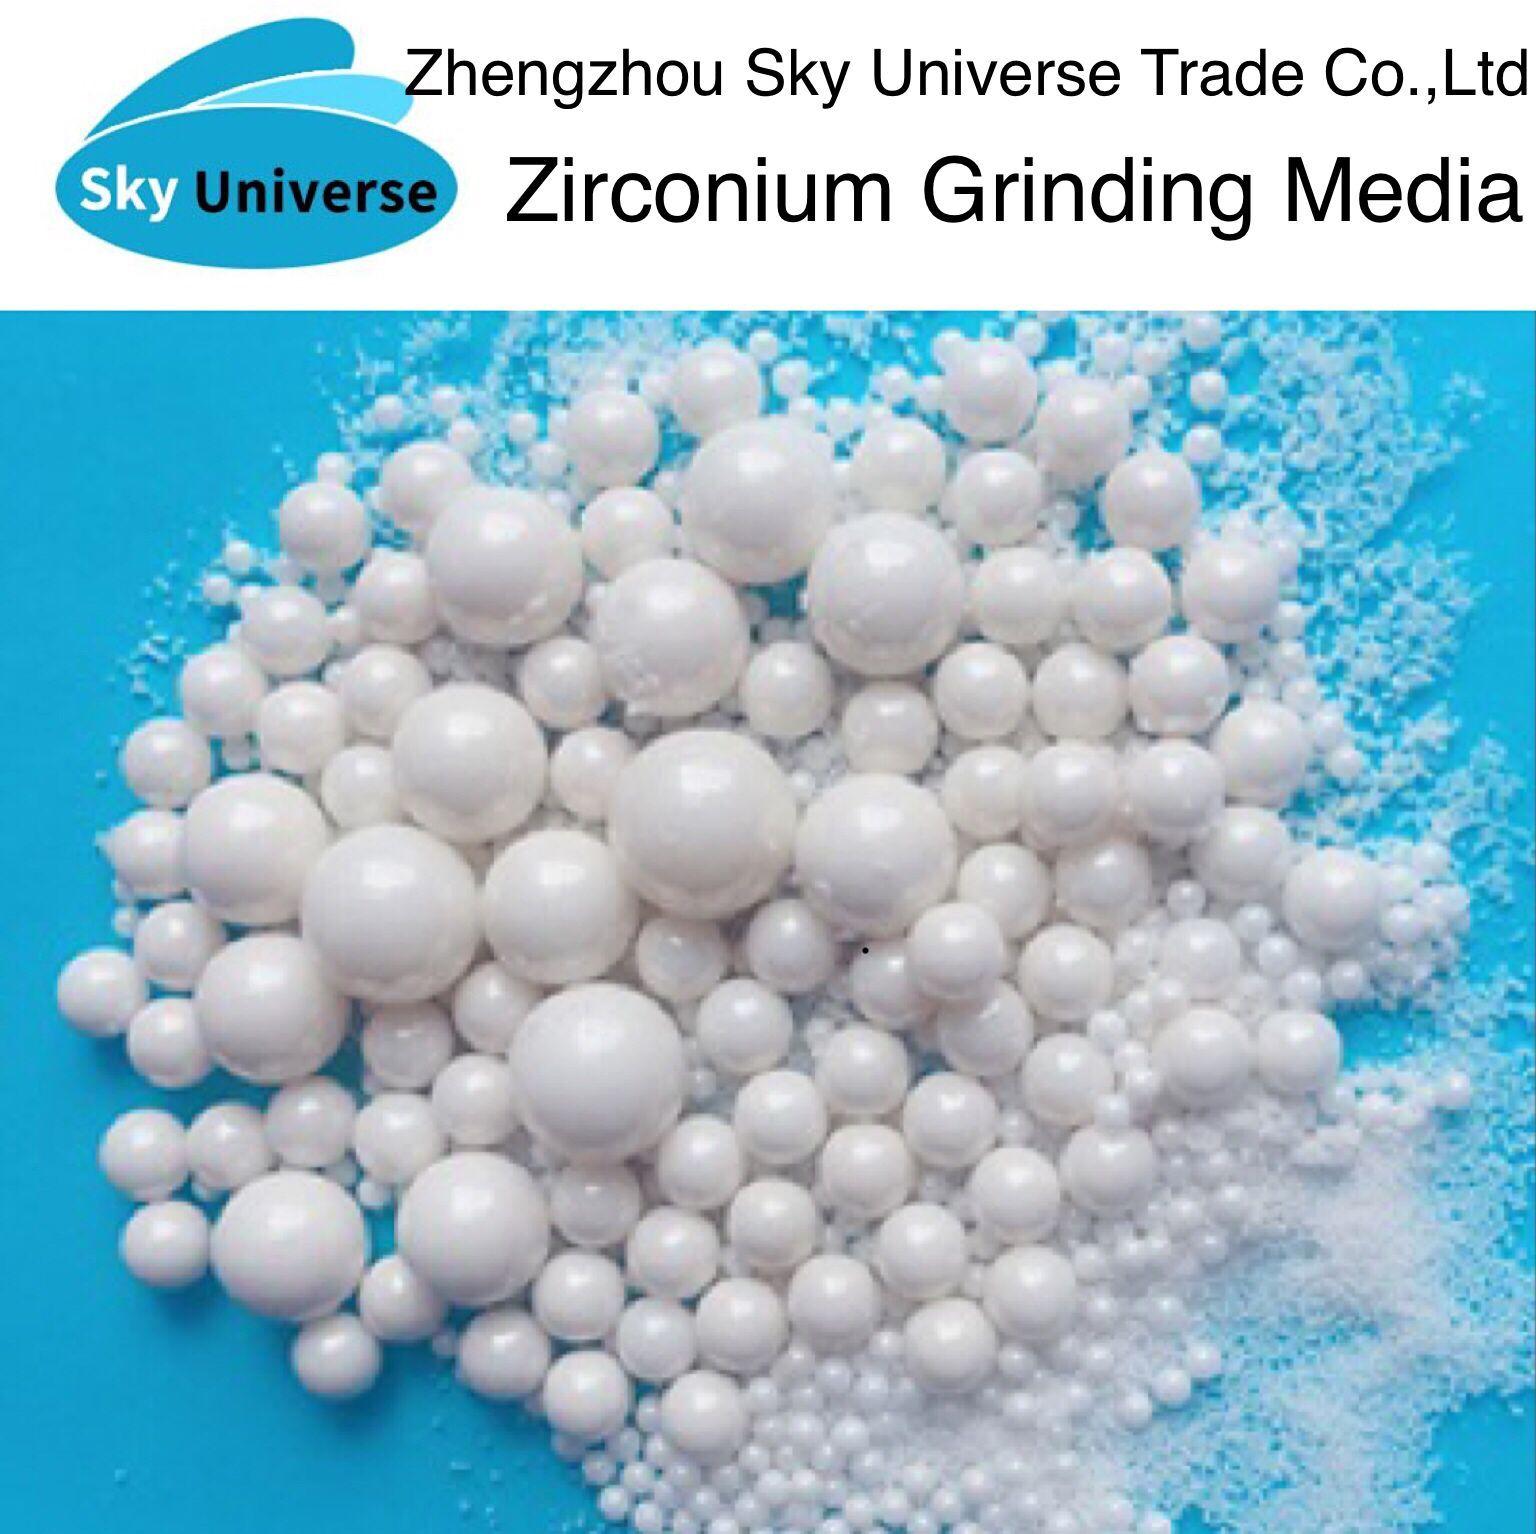 Ceramic grinding beads, zirconia ceramic grinding media,zirconium grinding medium,zirconia balls,